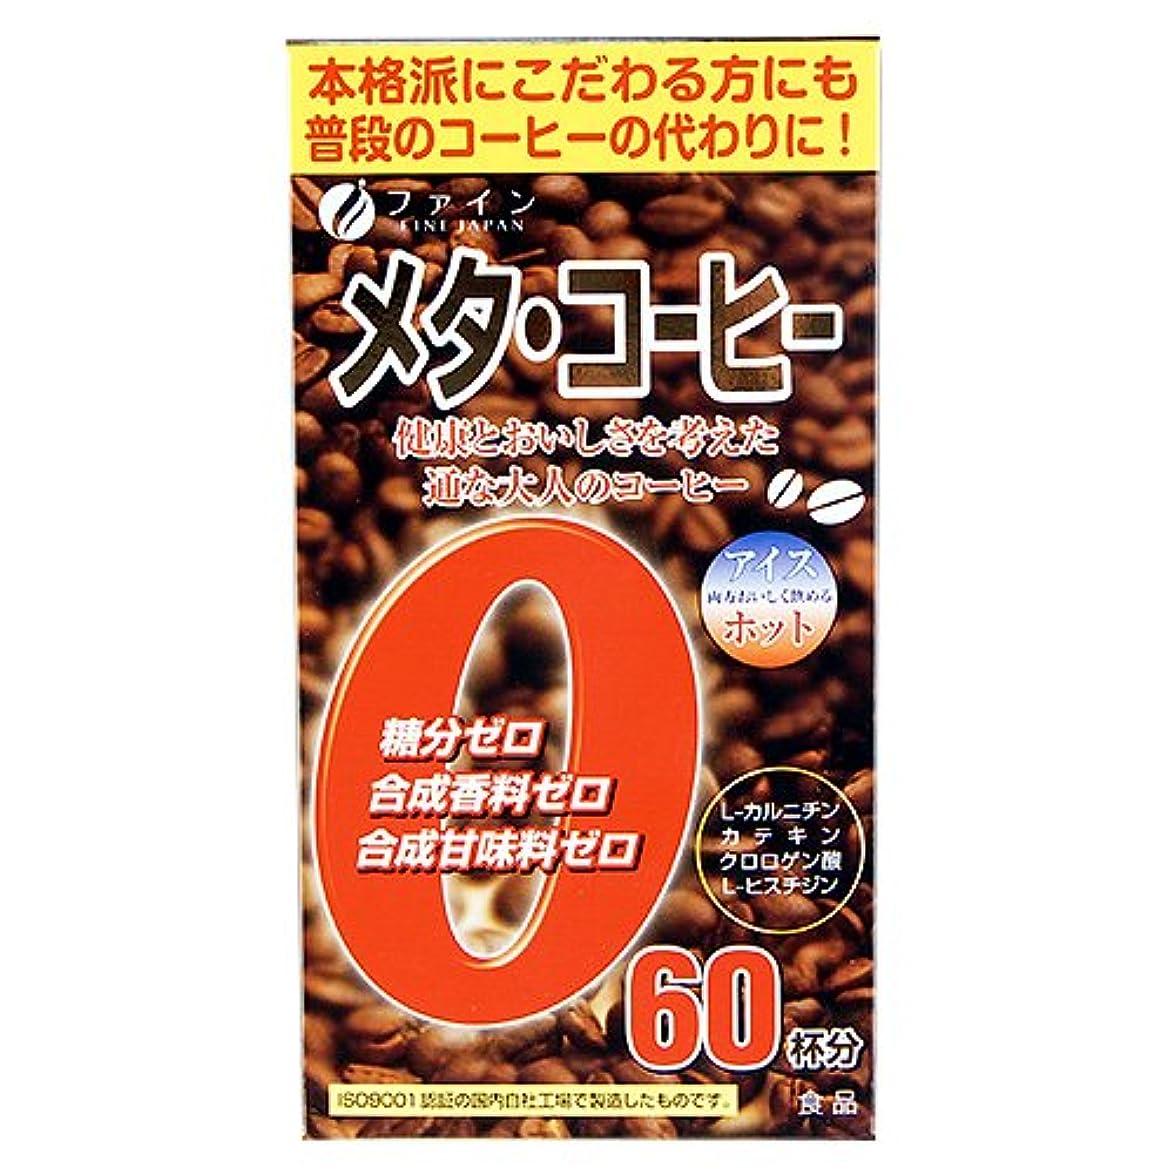 代表団スケート思い出メタコーヒー 66g 1.1g×60包 ファイン